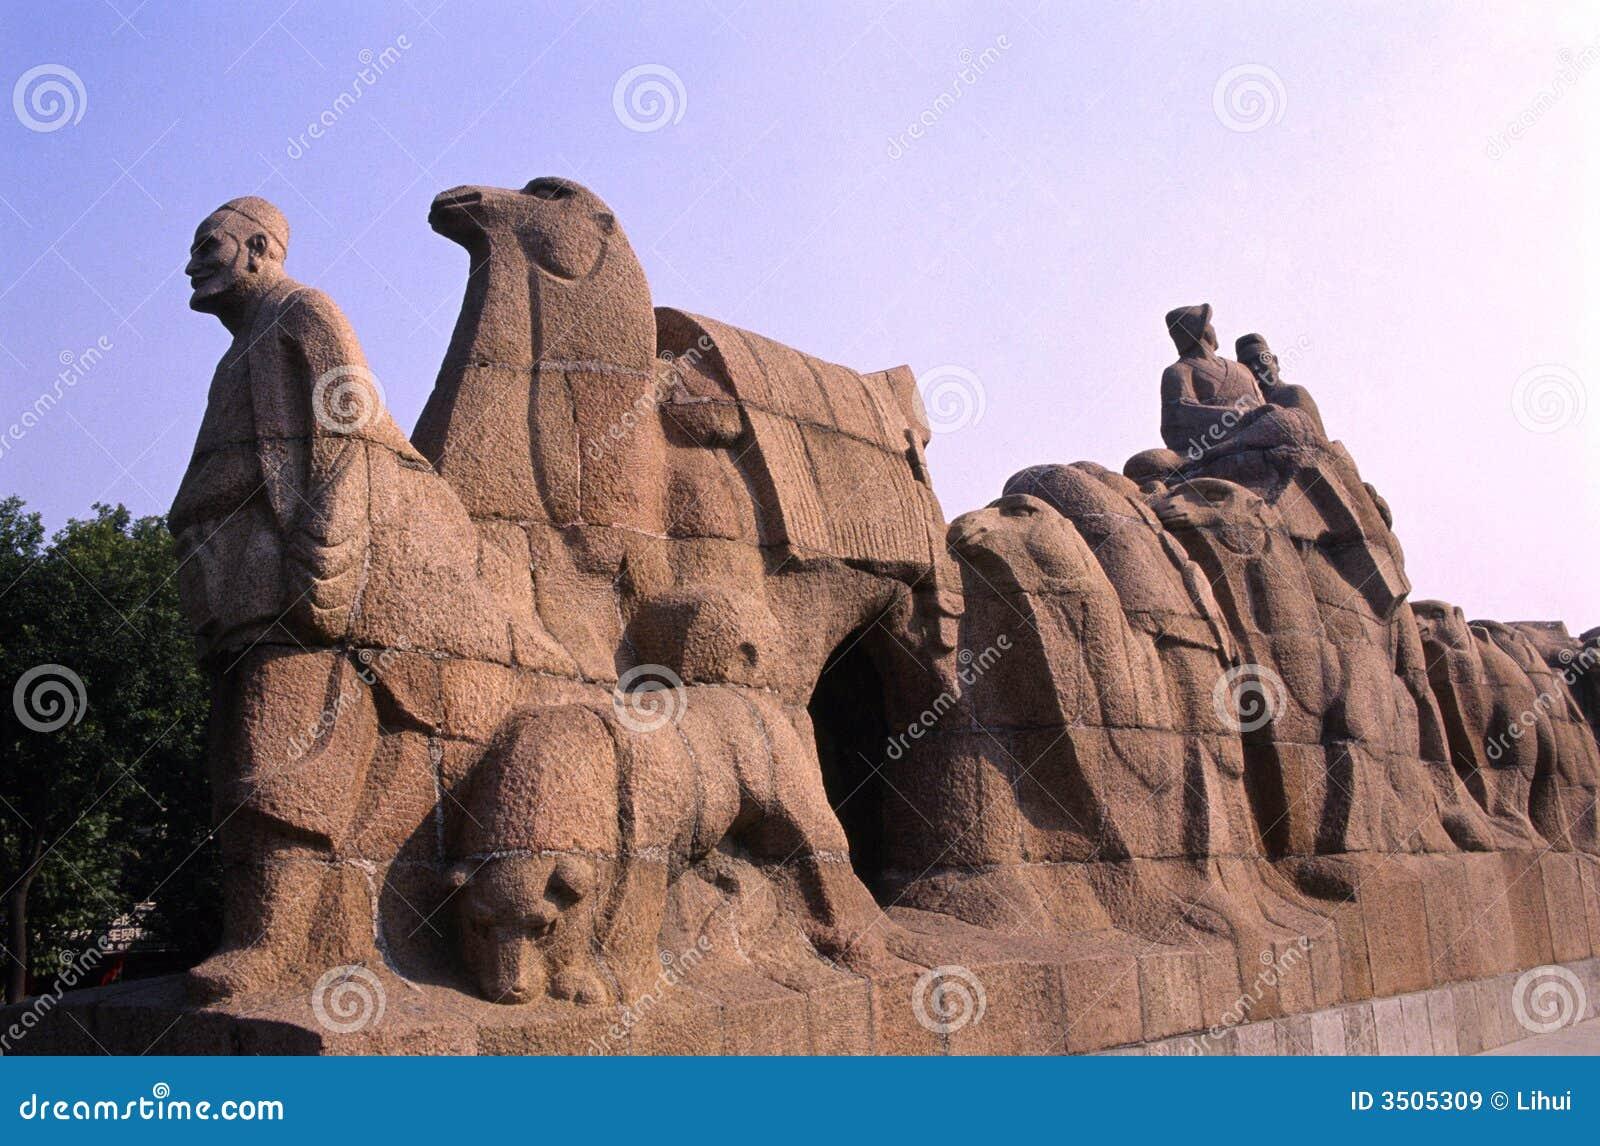 Silk Road statue